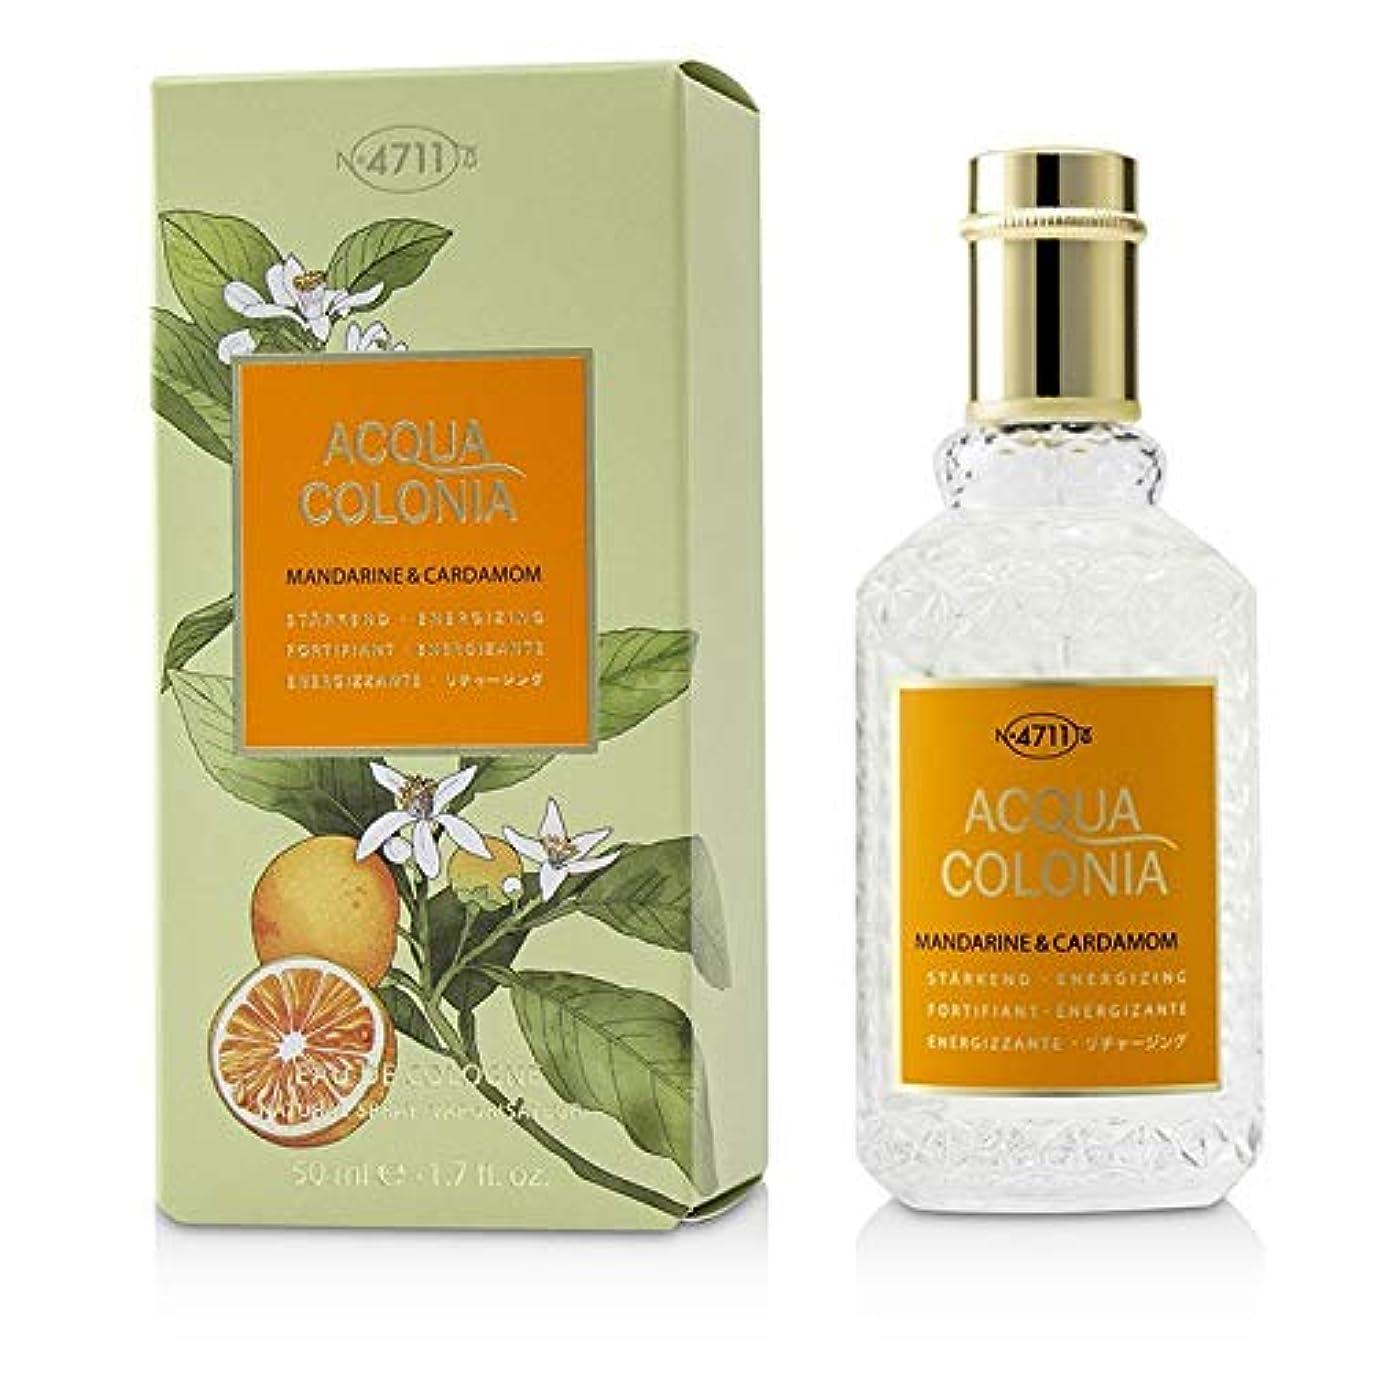 商業の役割マイクロフォン4711 Acqua Colonia Mandarine & Cardamom Eau De Cologne Spray 50ml/1.7oz並行輸入品